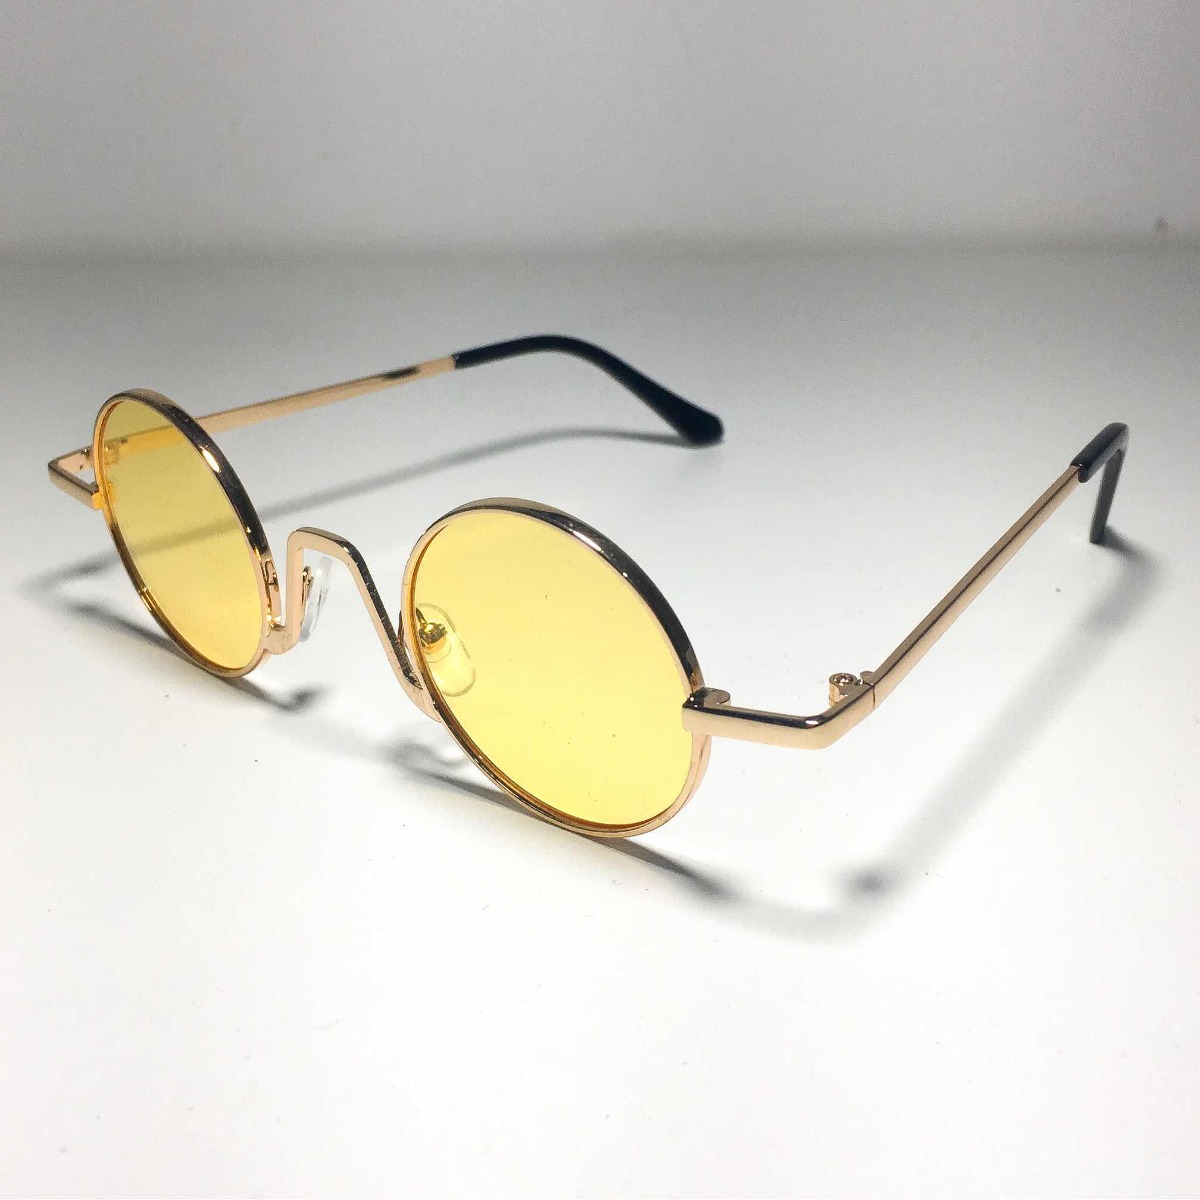 360bf8b66fb11 Óculos De Sol Retro Oval Amarelo Vintage Anos 90 - R  79,99 em ...